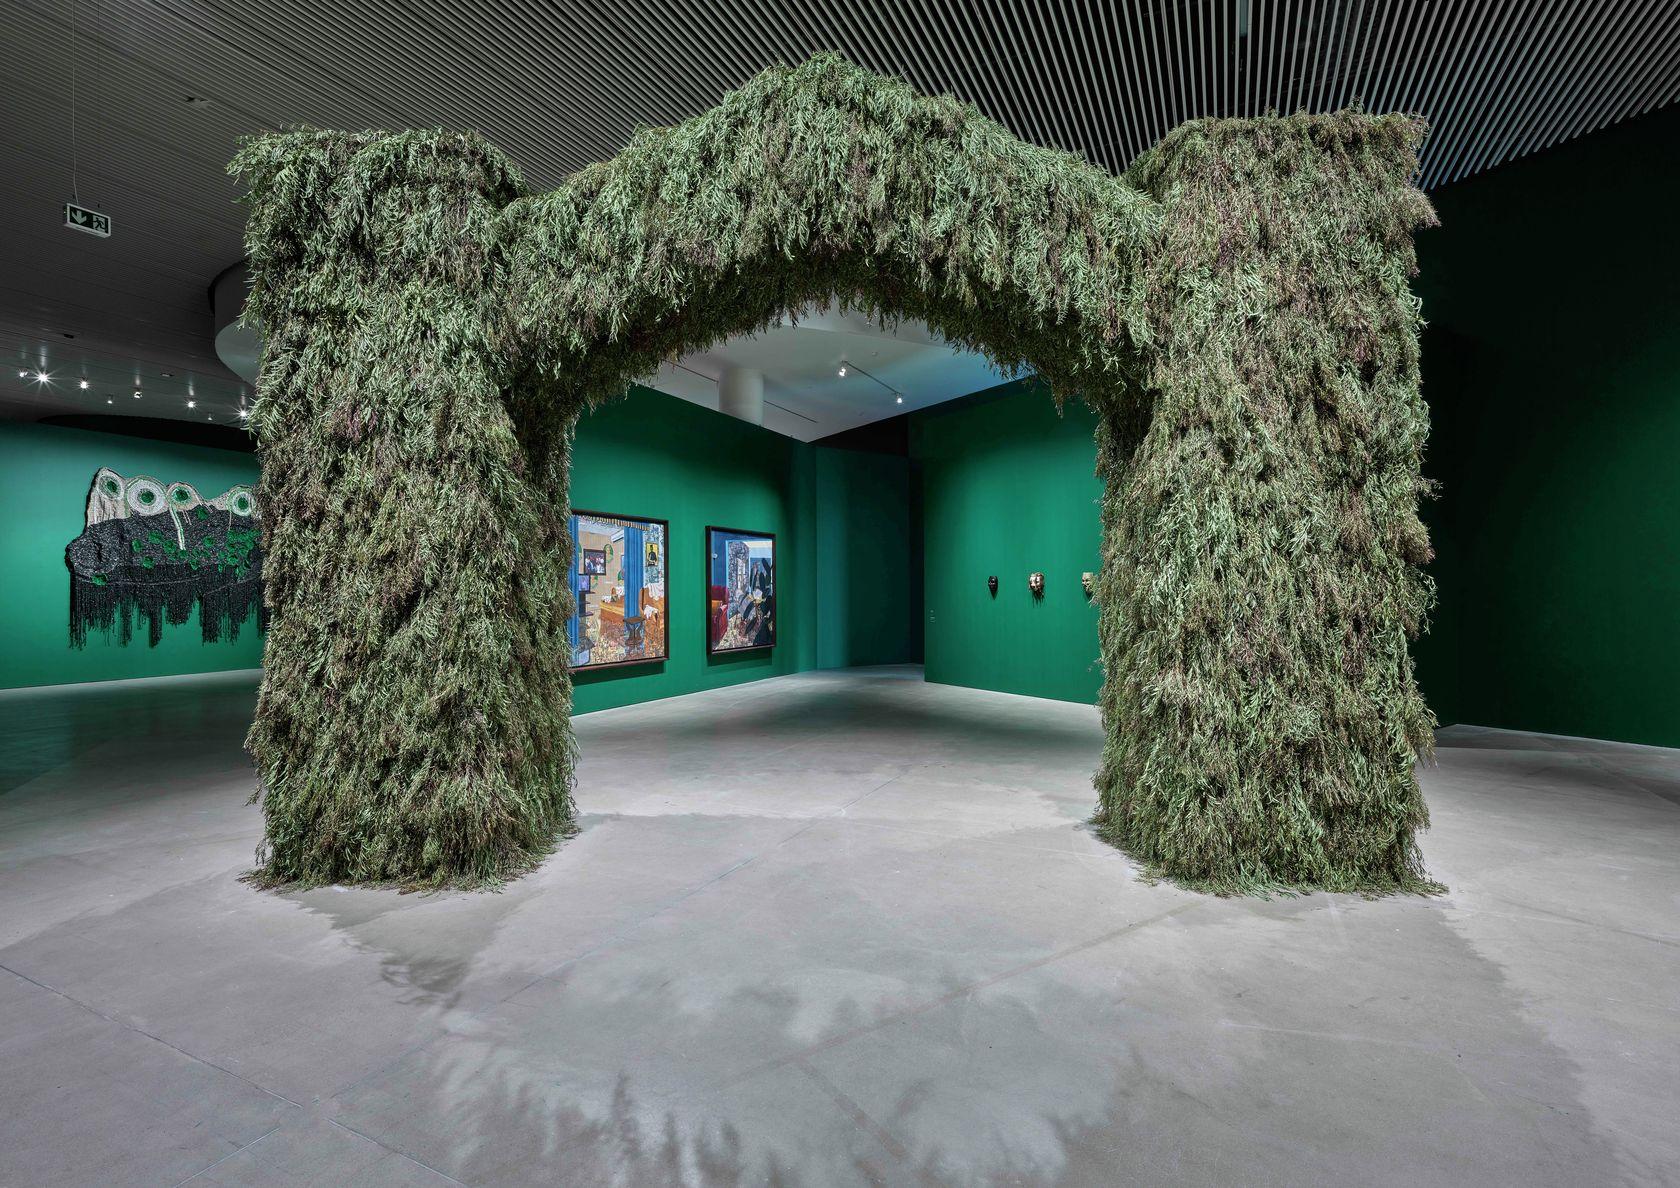 Moffat Takadiwa, THIS IS NOT AFRICA – UNLEARN WHAT YOU HAVE LEARNED, ARoS Aarhus Kunstmuseum, Aarhus (DK) 27 mars - 24 octobre 2021 © Anders Sune Berg